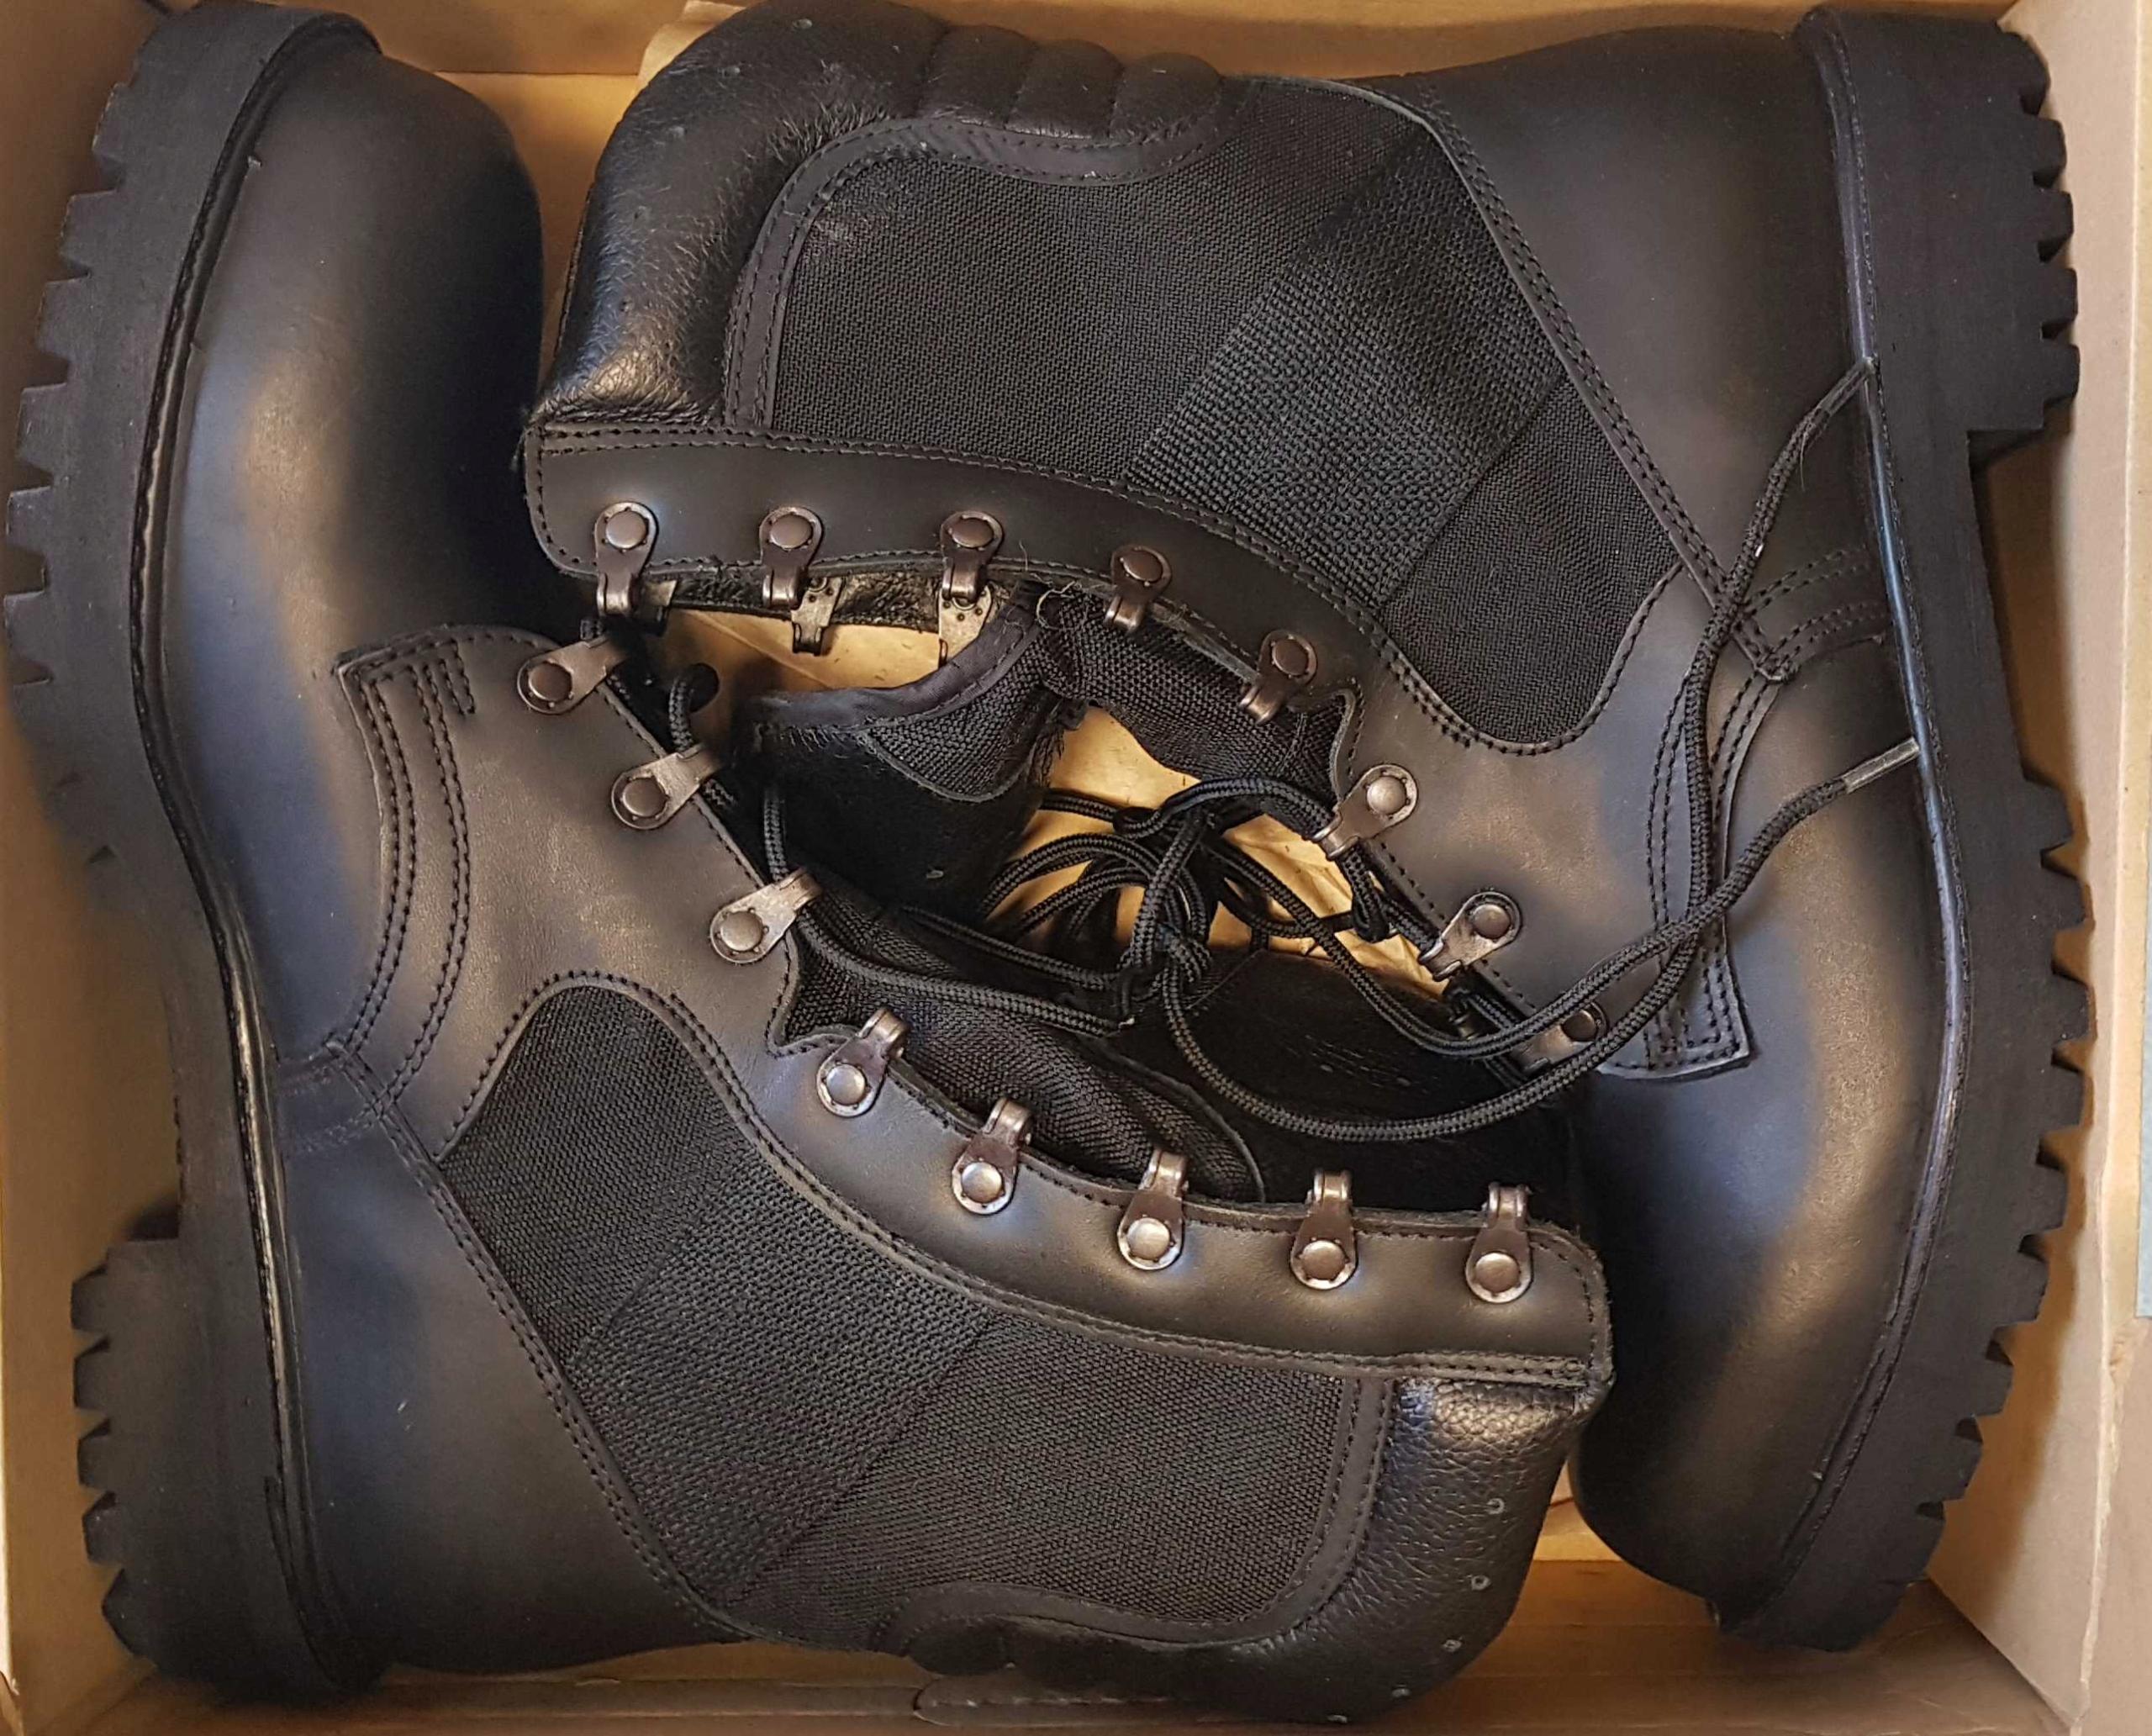 5ed648ab477d2 buty letnie w kategorii Kolekcje w Oficjalnym Archiwum Allegro - archiwum  ofert